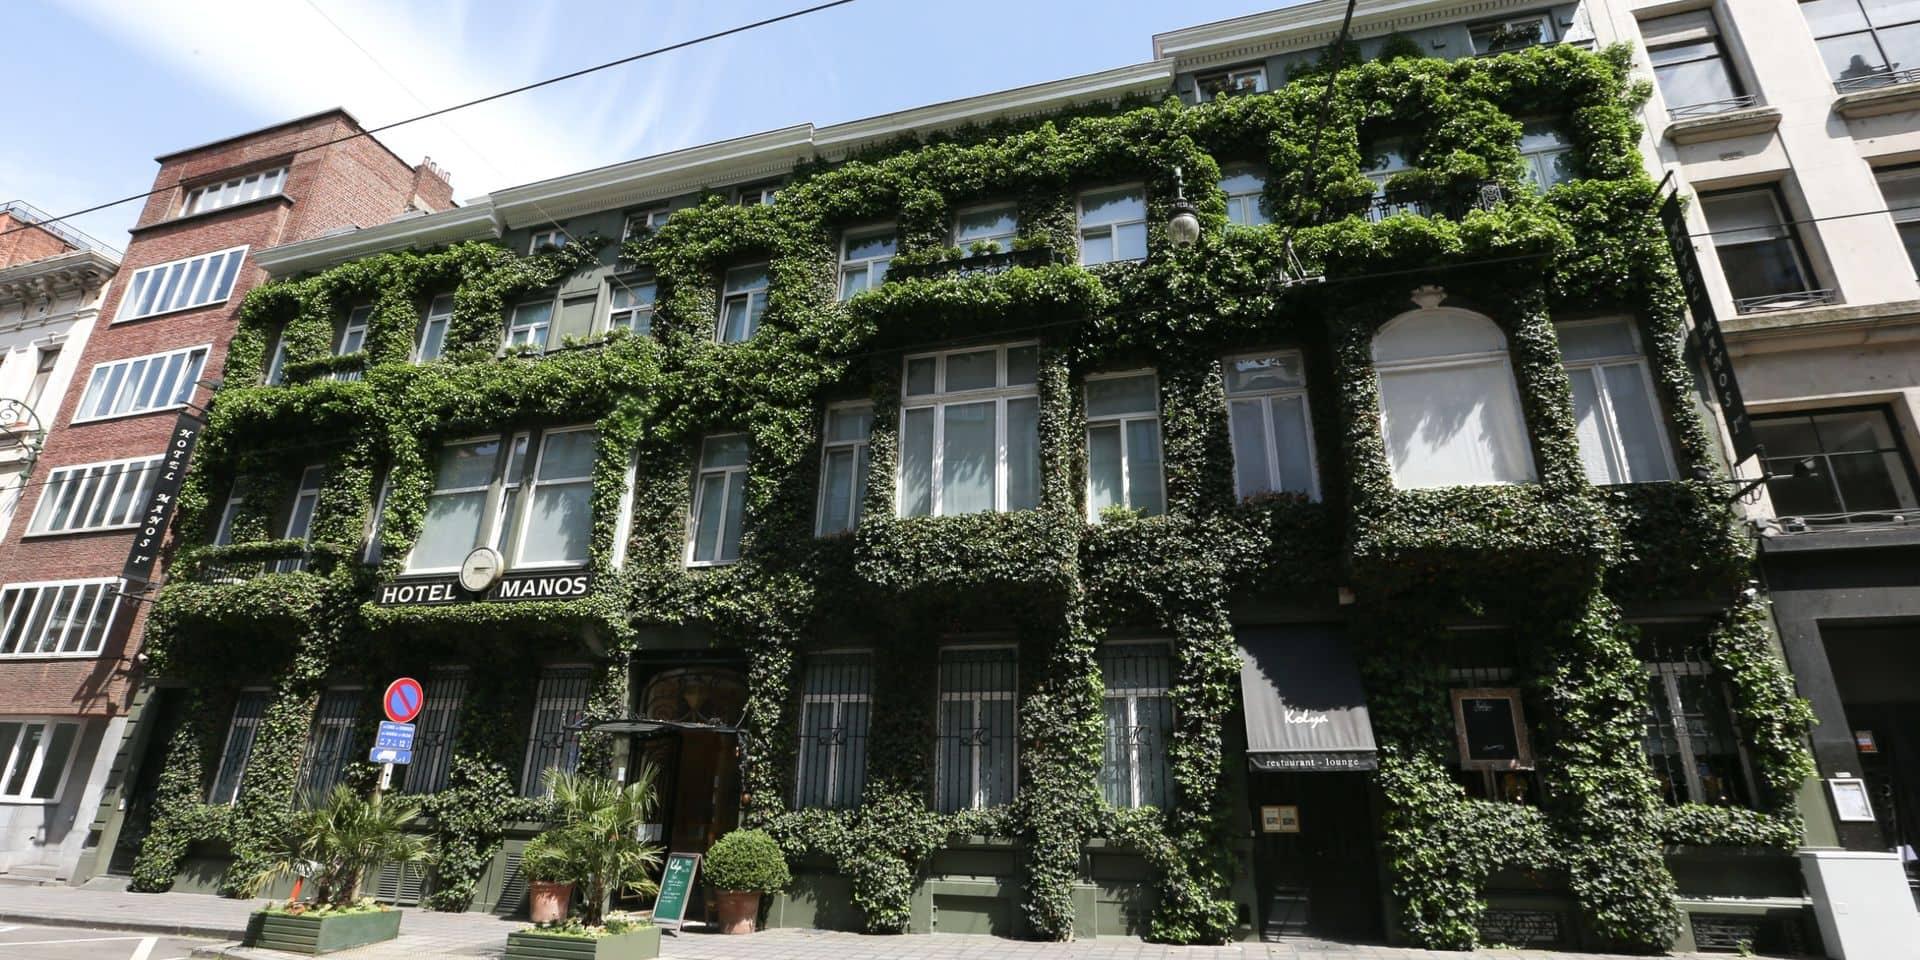 36 hôtels bruxellois à petit prix jusqu'à la fin du mois de mars